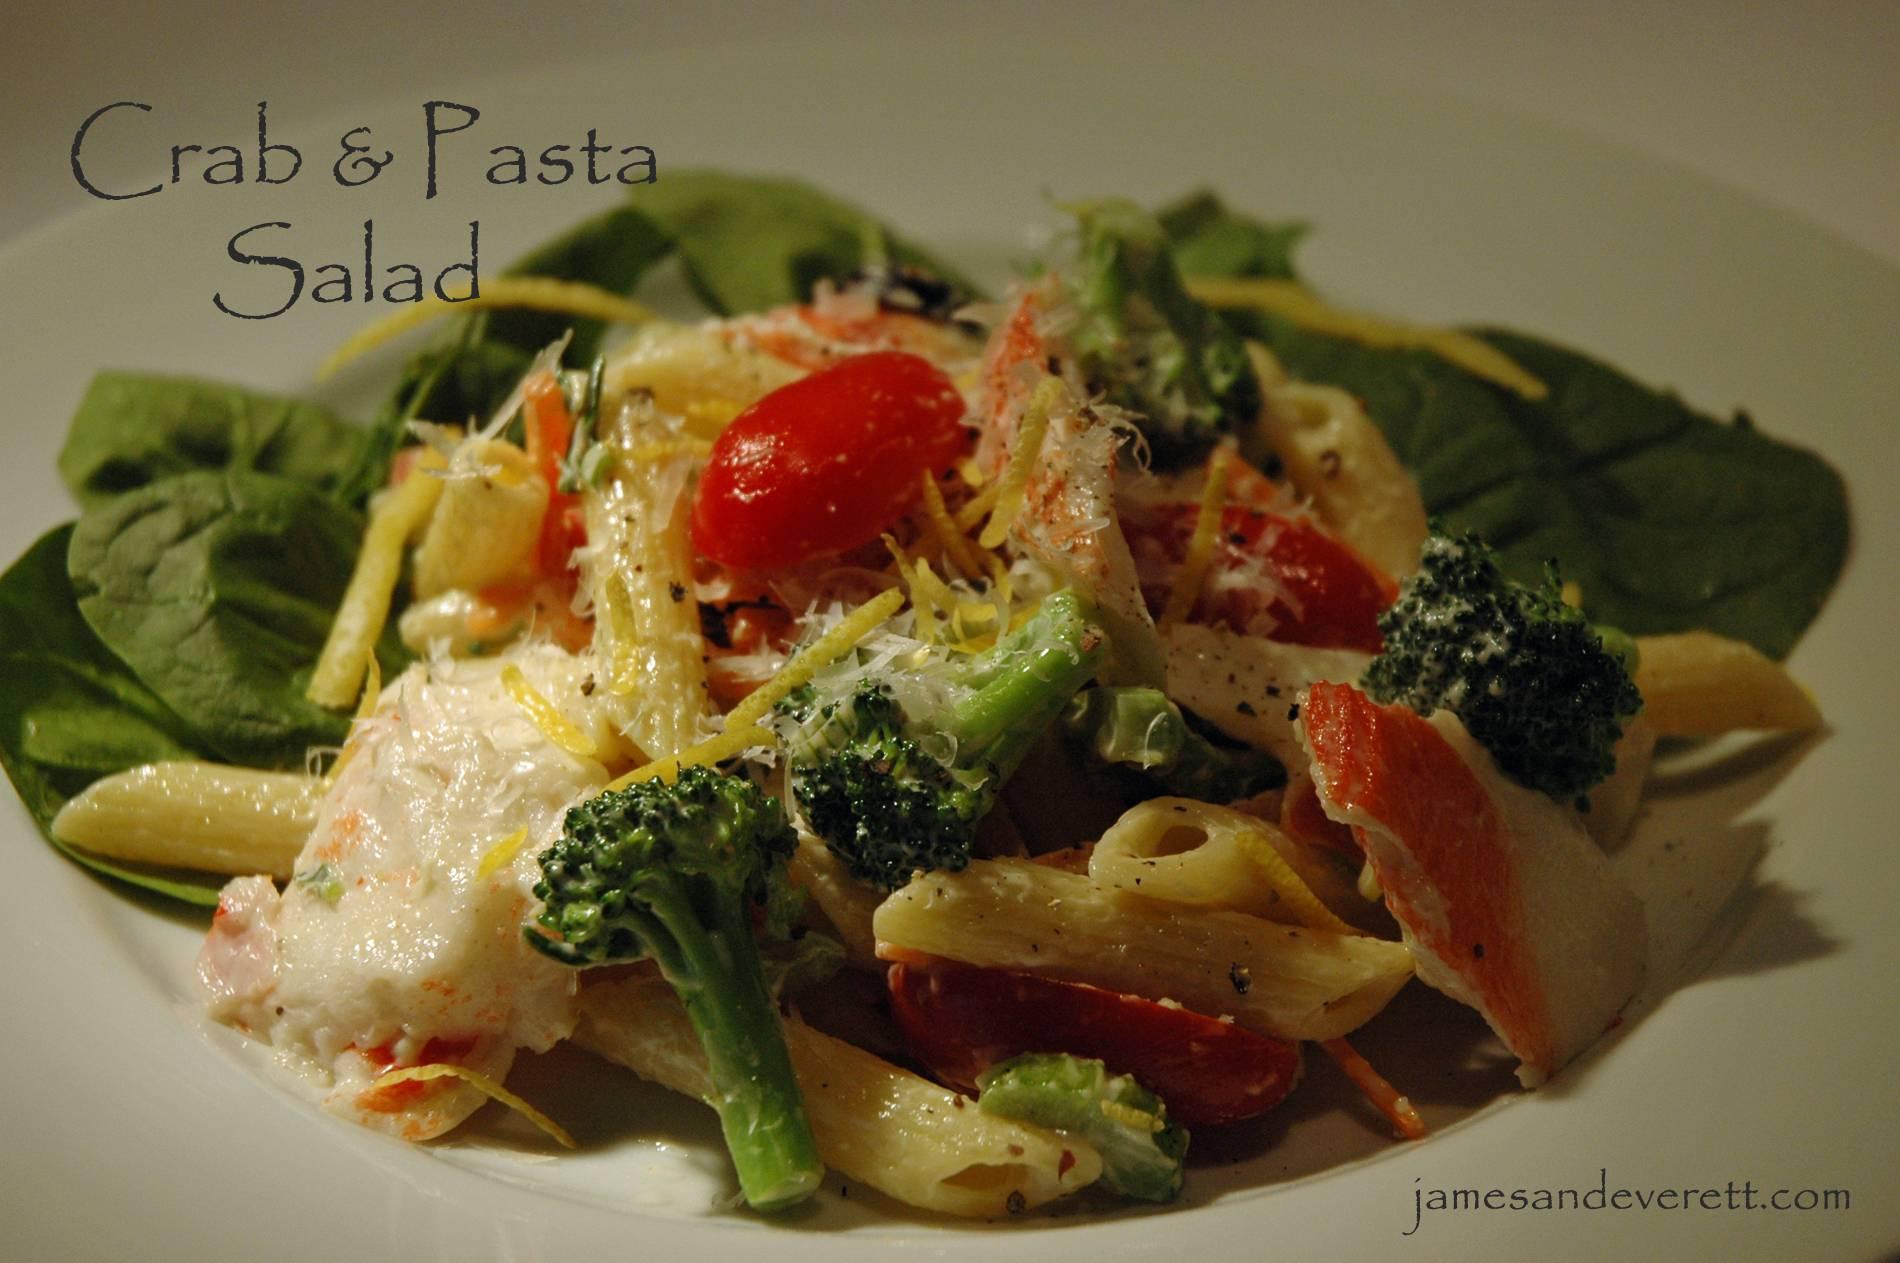 Crab & Pasta Salad